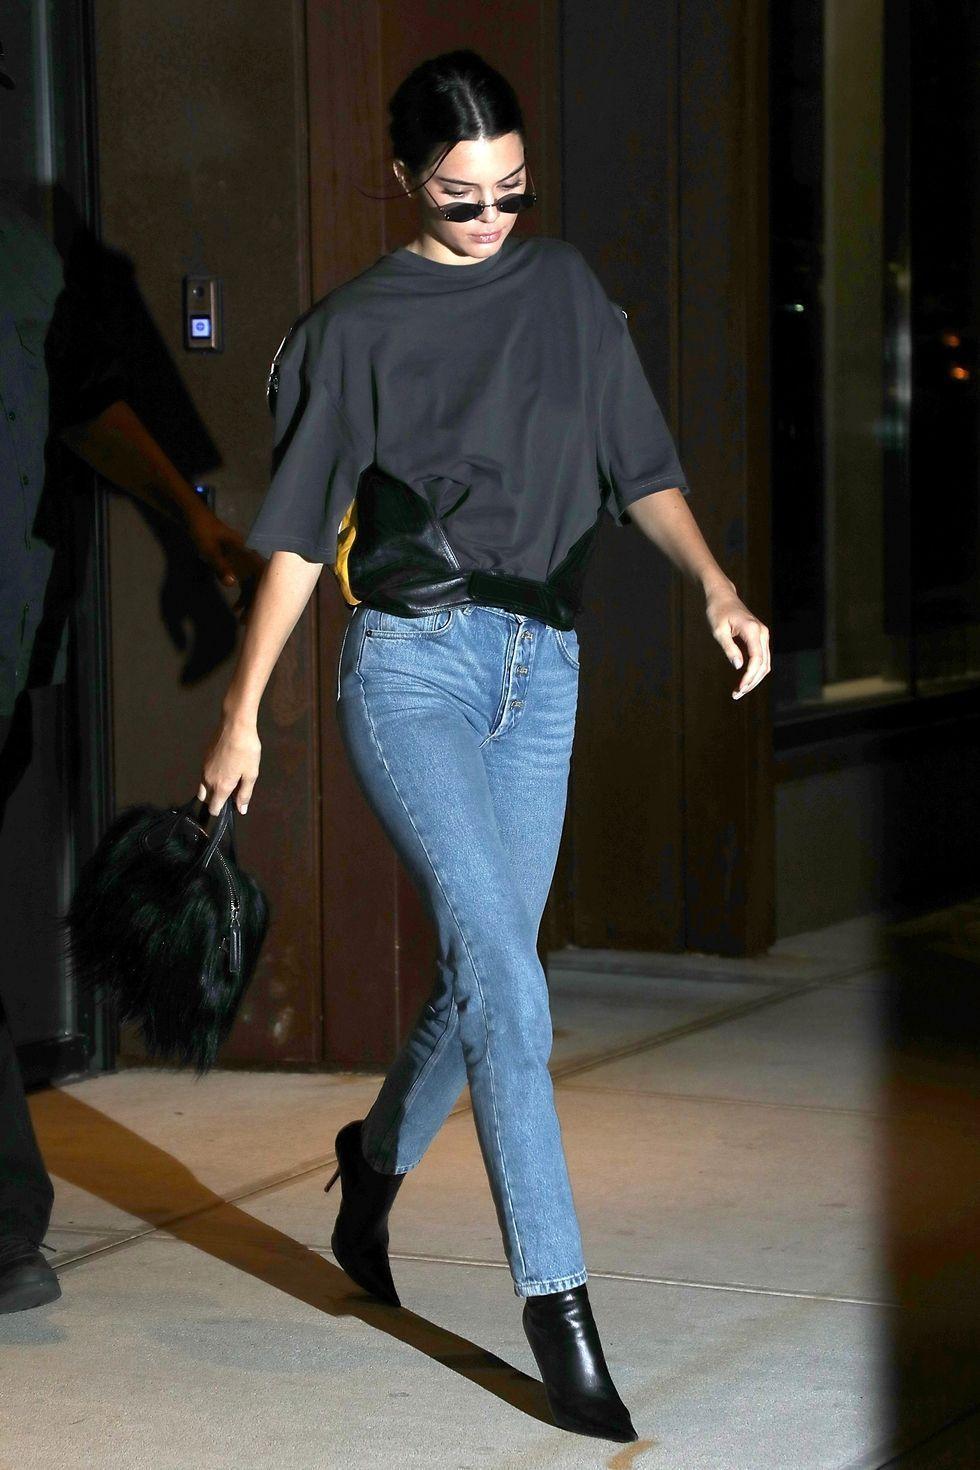 Kendall Jenner Style - Die besten Outfits von Kendall Jenner #kendalljennerstyle